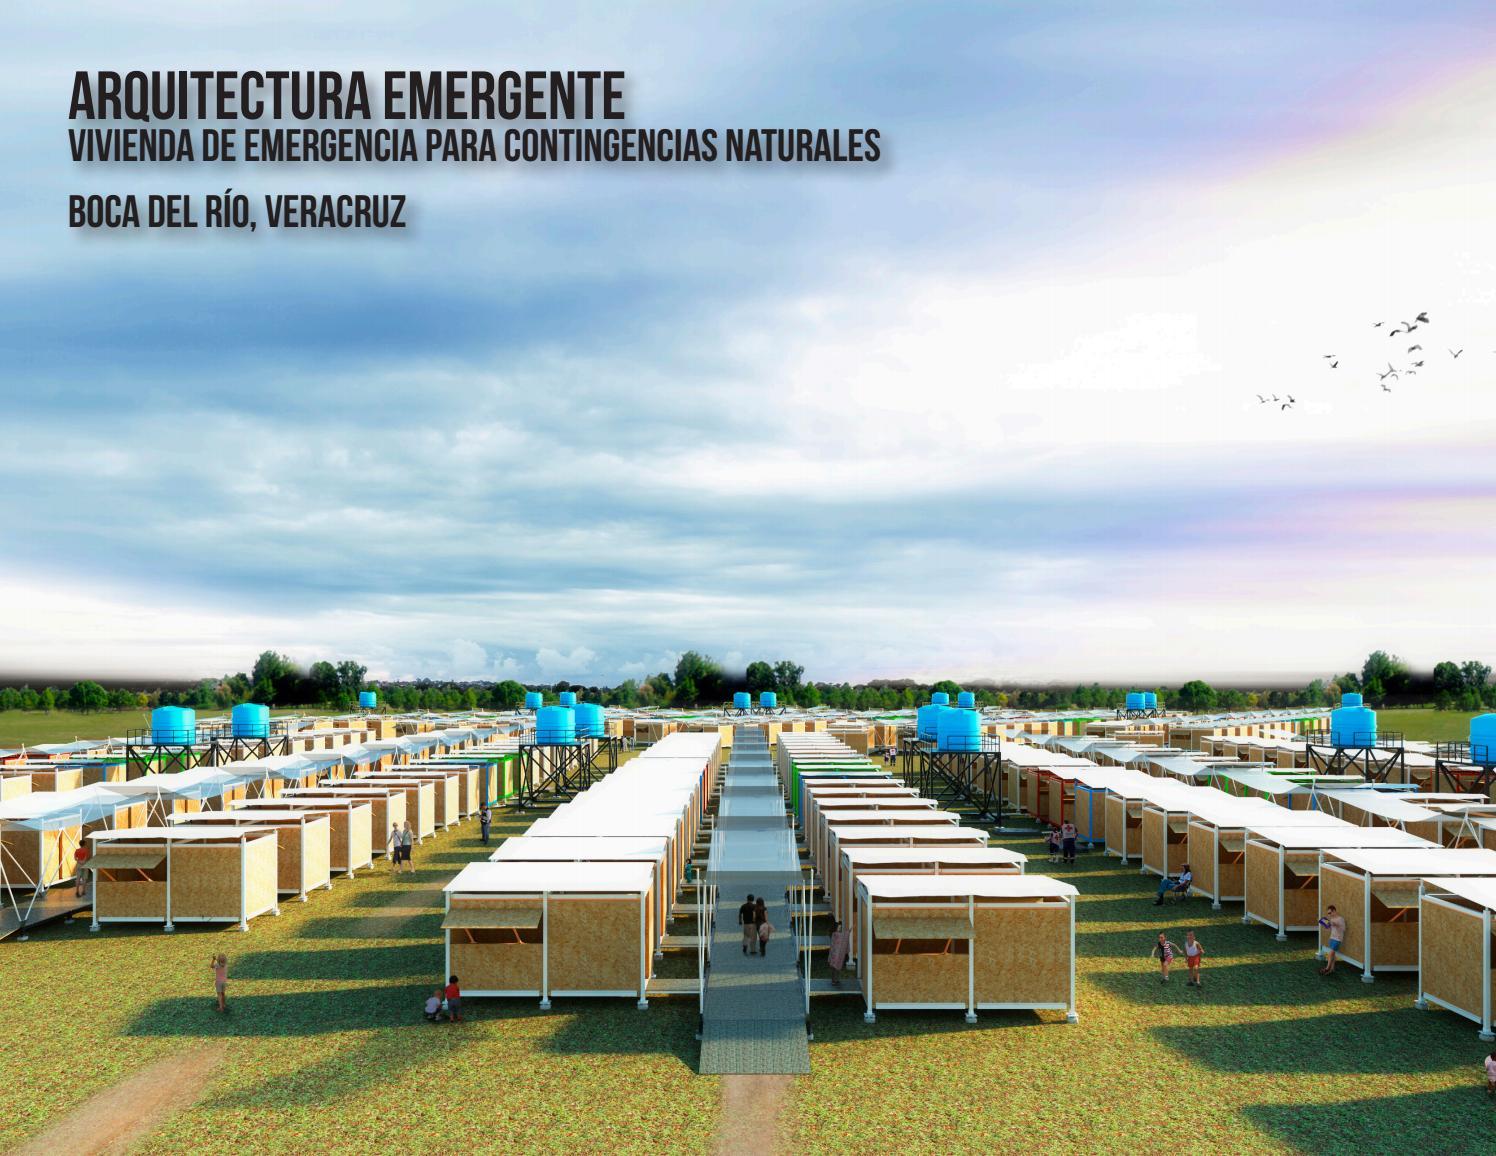 Arquitectura emergente vivienda de emergencia para for Vivienda arquitectura